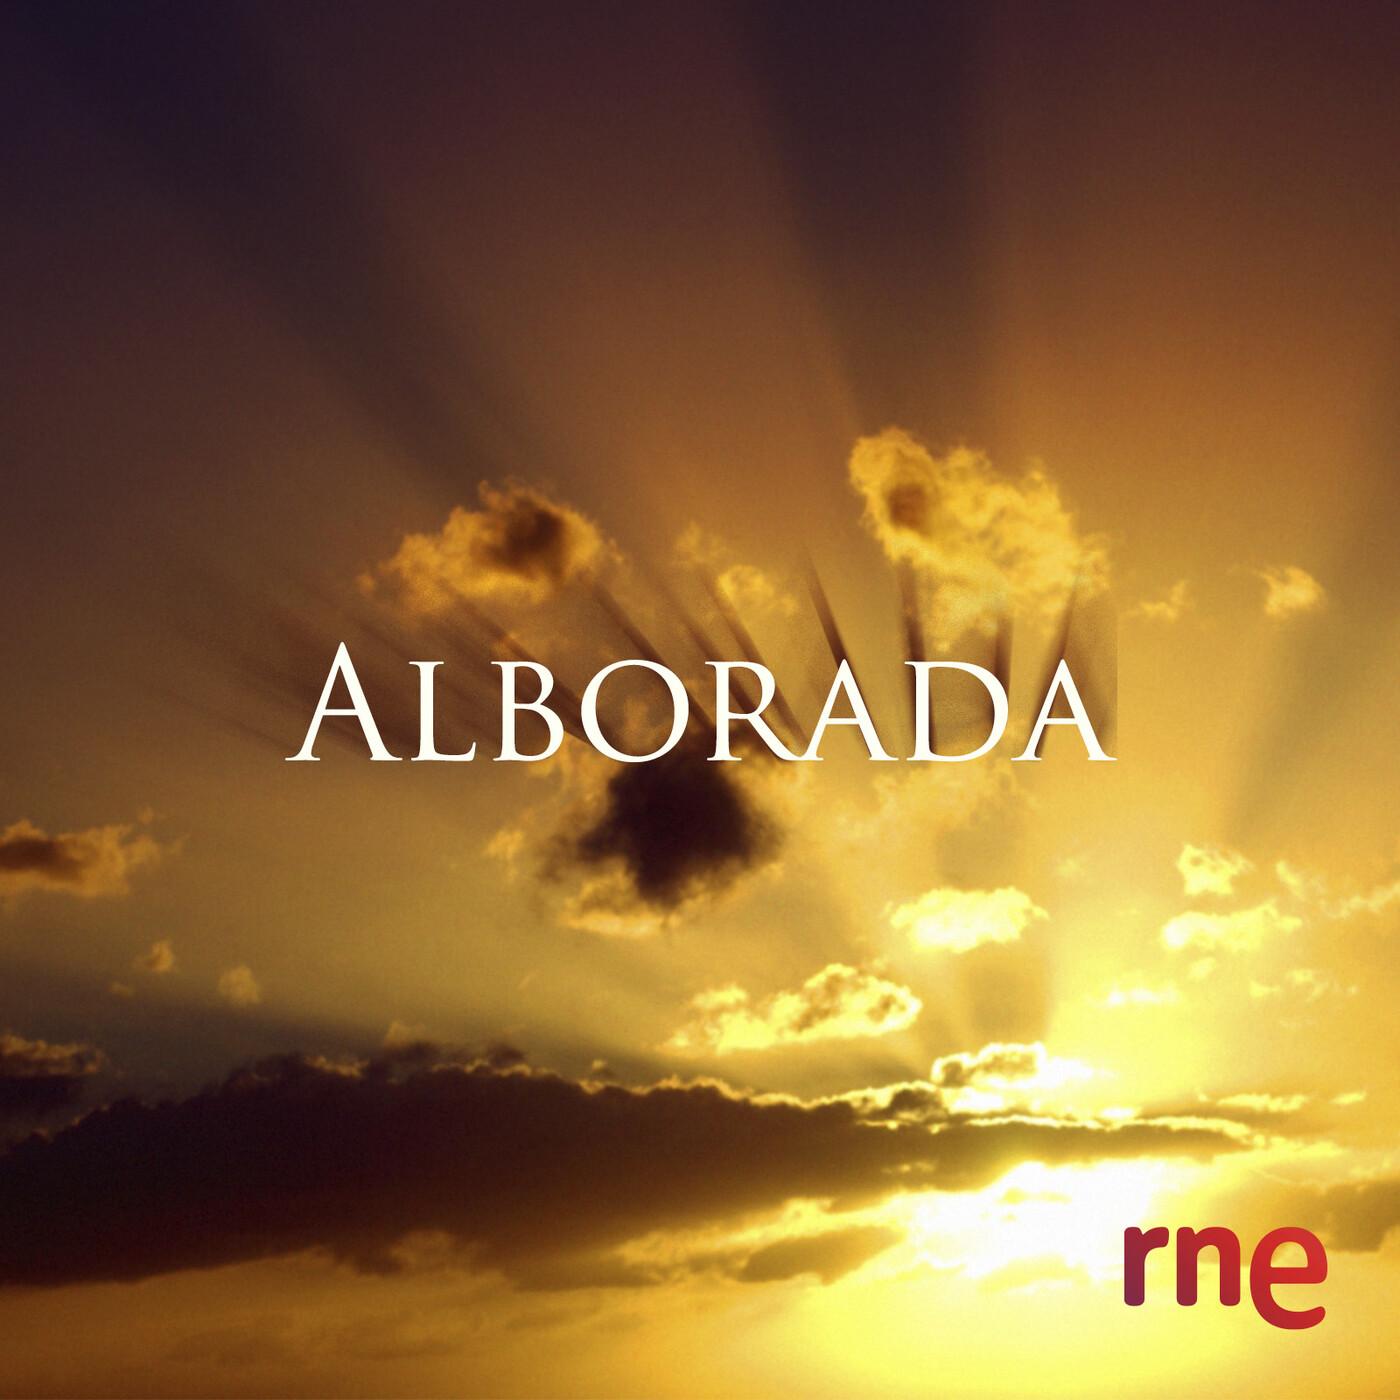 Alborada - Le quitaron lo más importante - 12/08/20